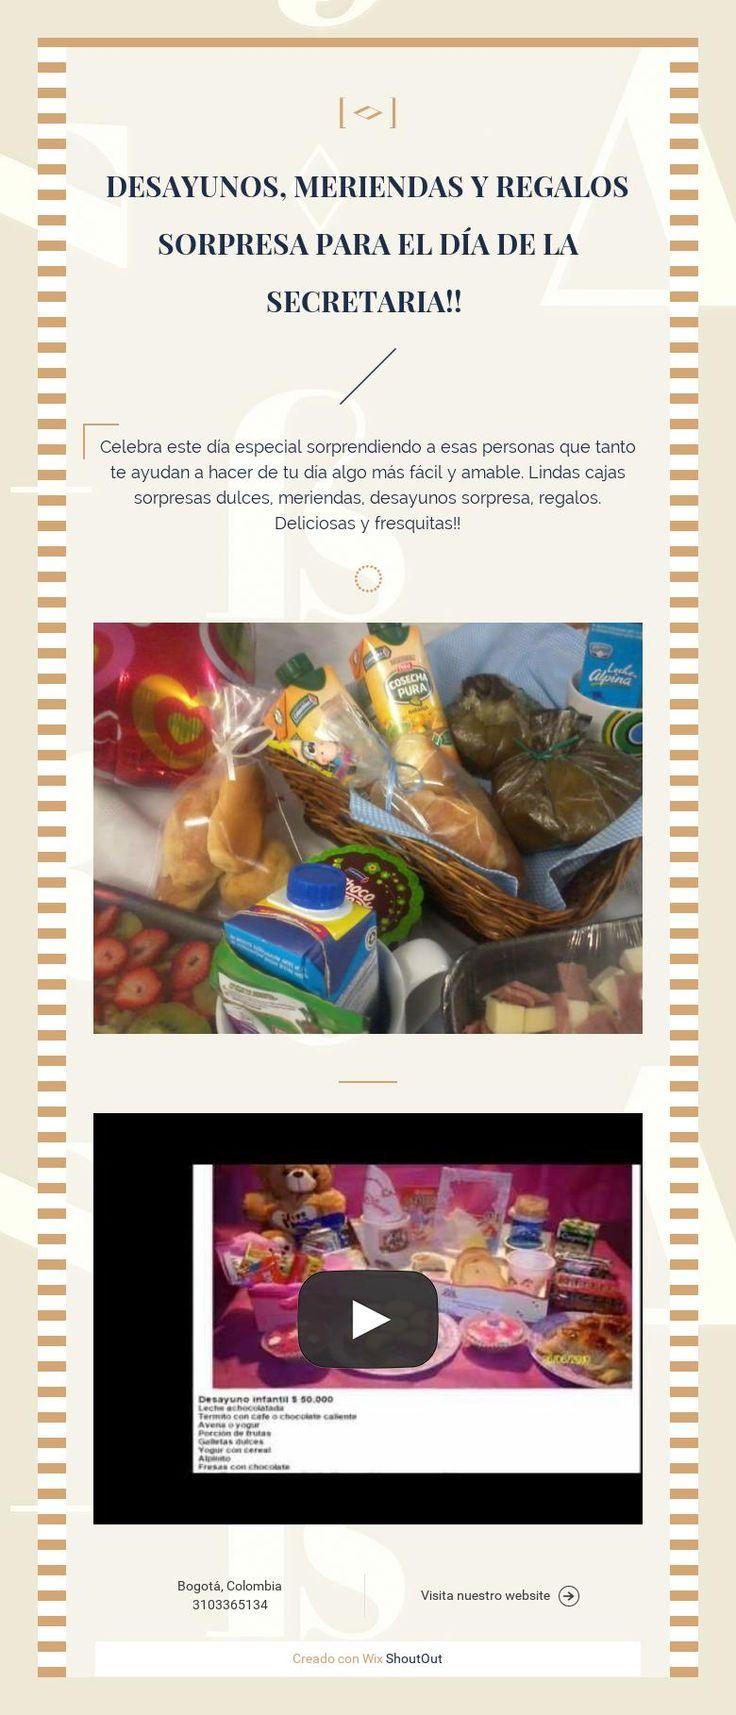 Desayunos, meriendas y regalos sorpresa para el día de la secretaria!!